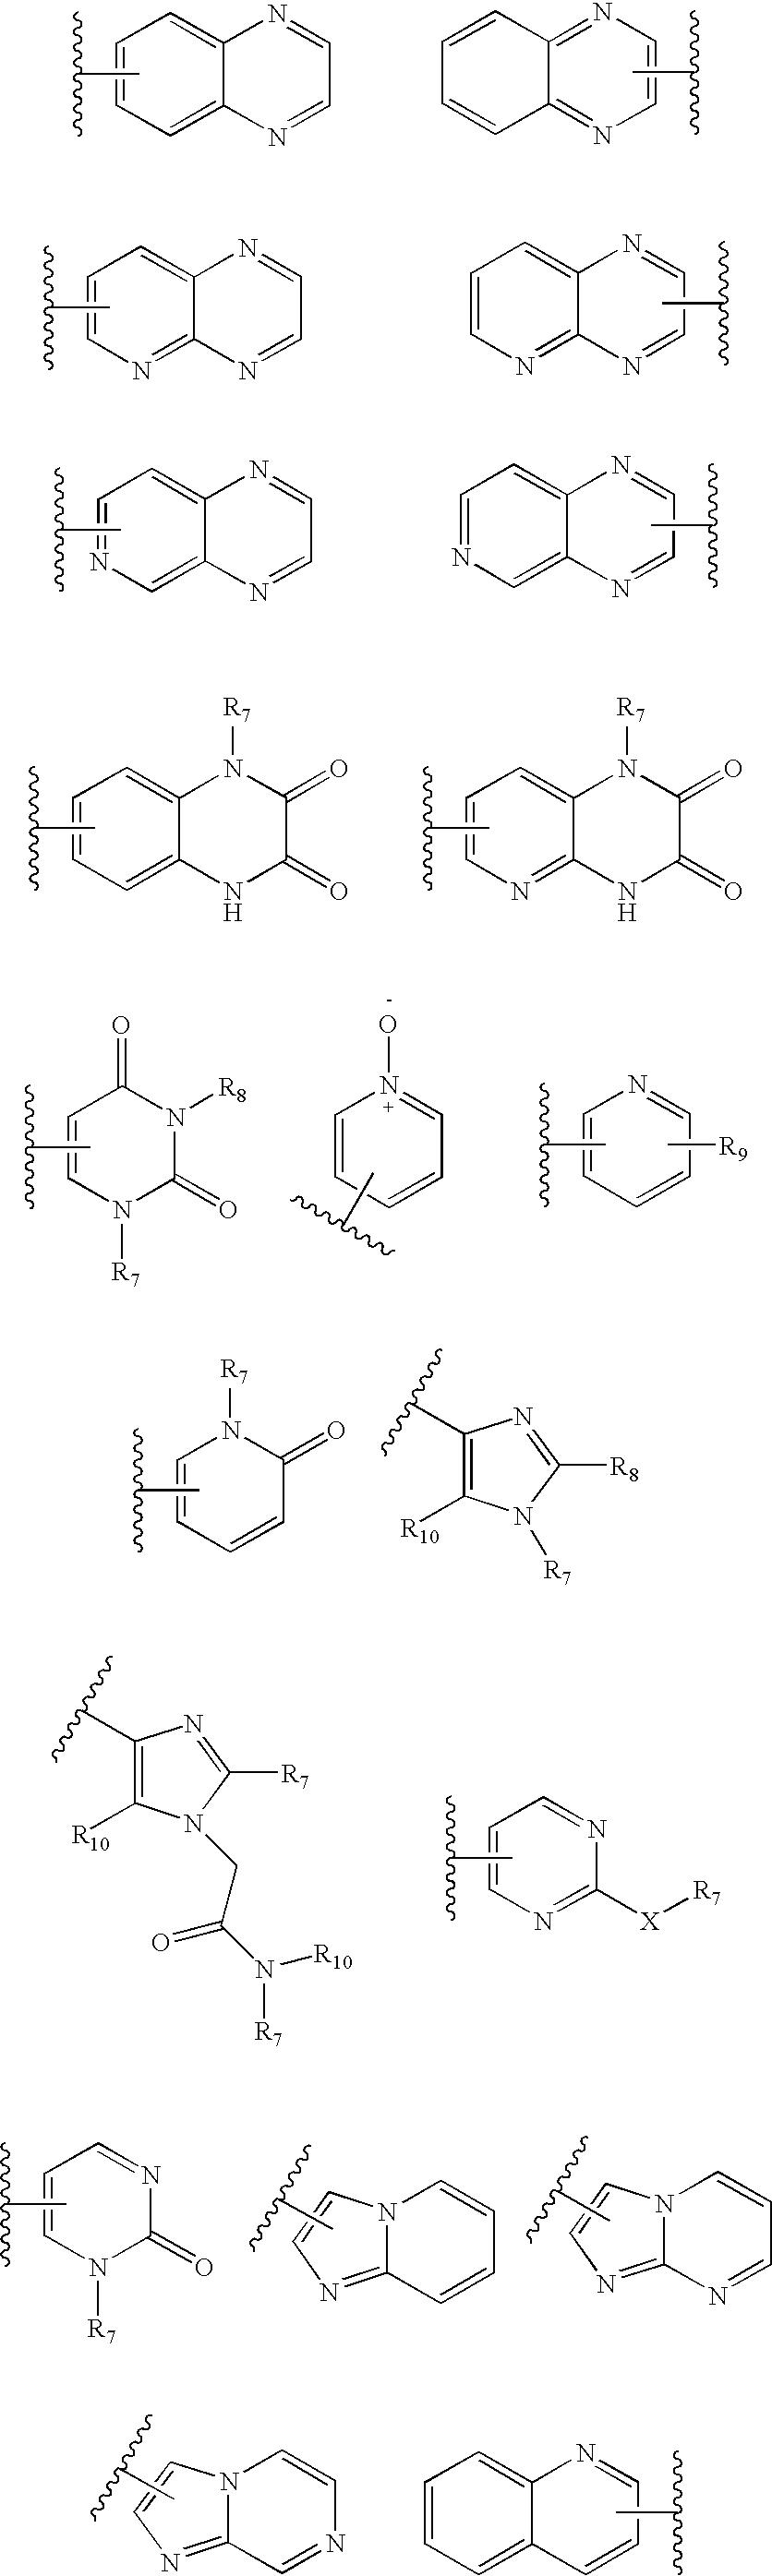 Figure US20060189617A1-20060824-C00040